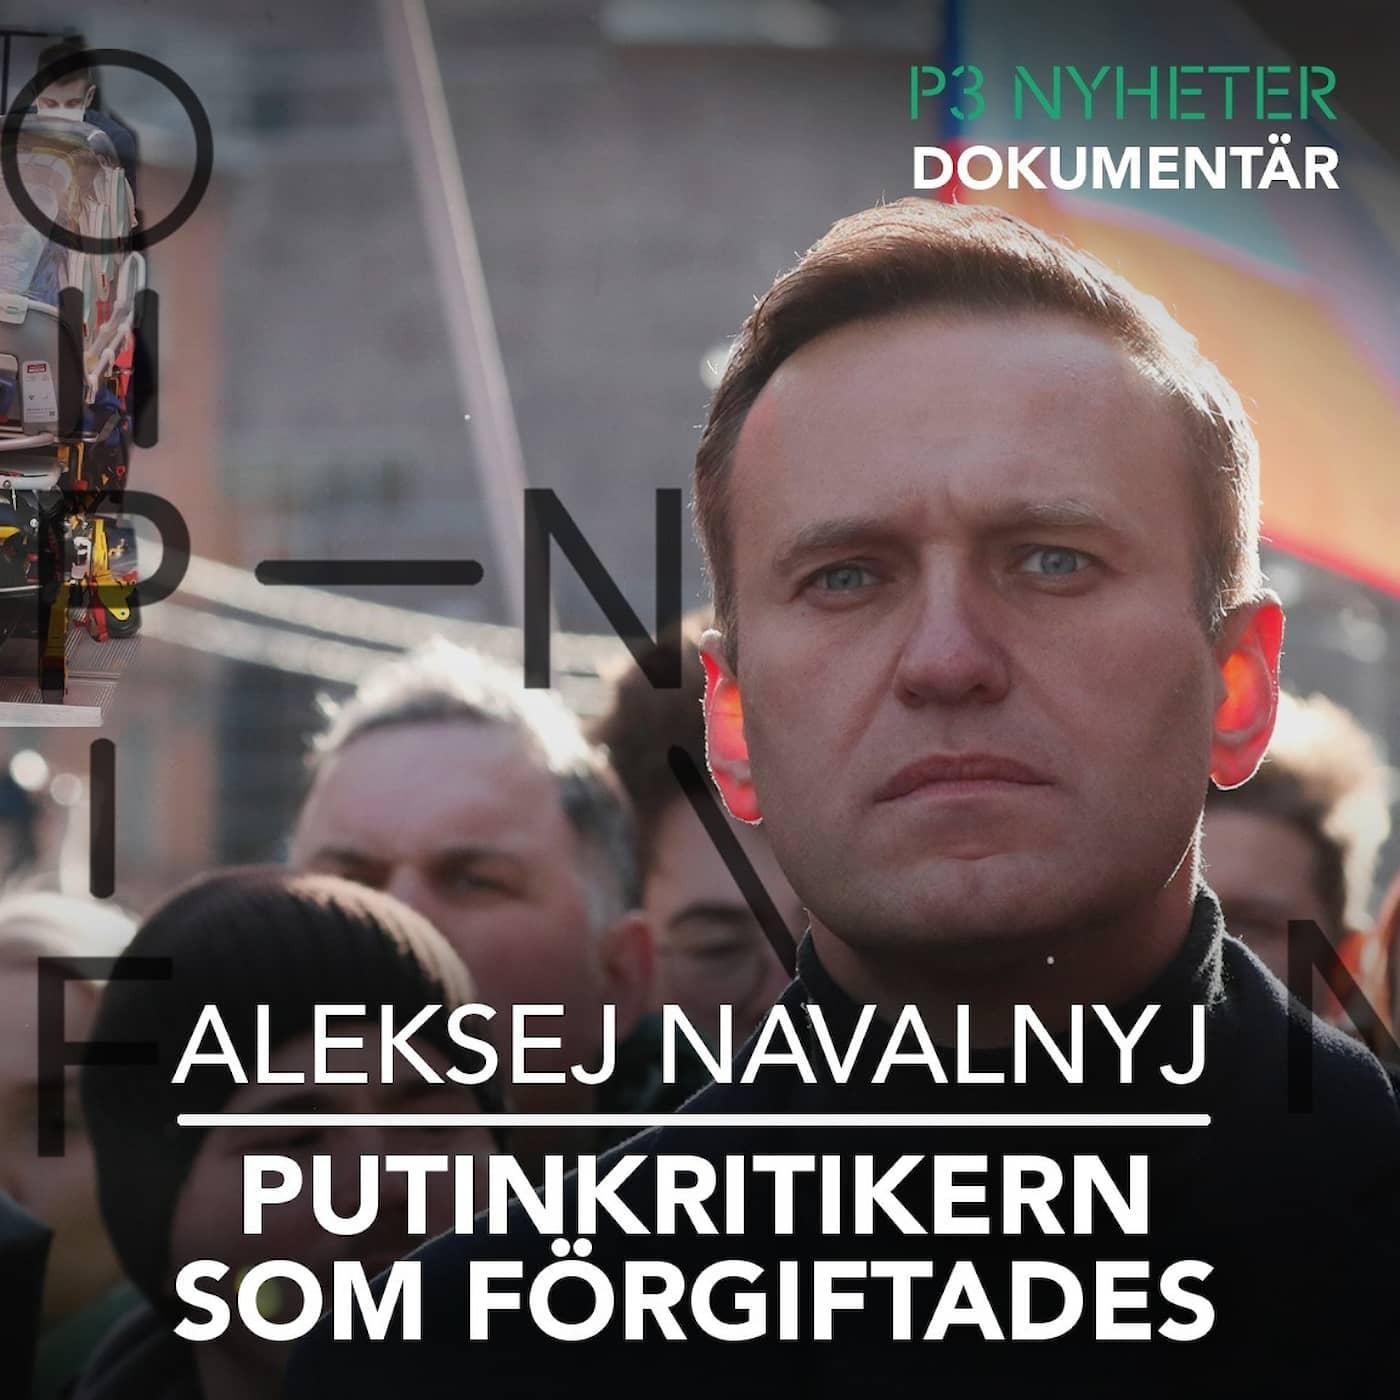 Aleksej Navalnyj – Putinkritikern som förgiftades – P3 Nyheter Dokumentär